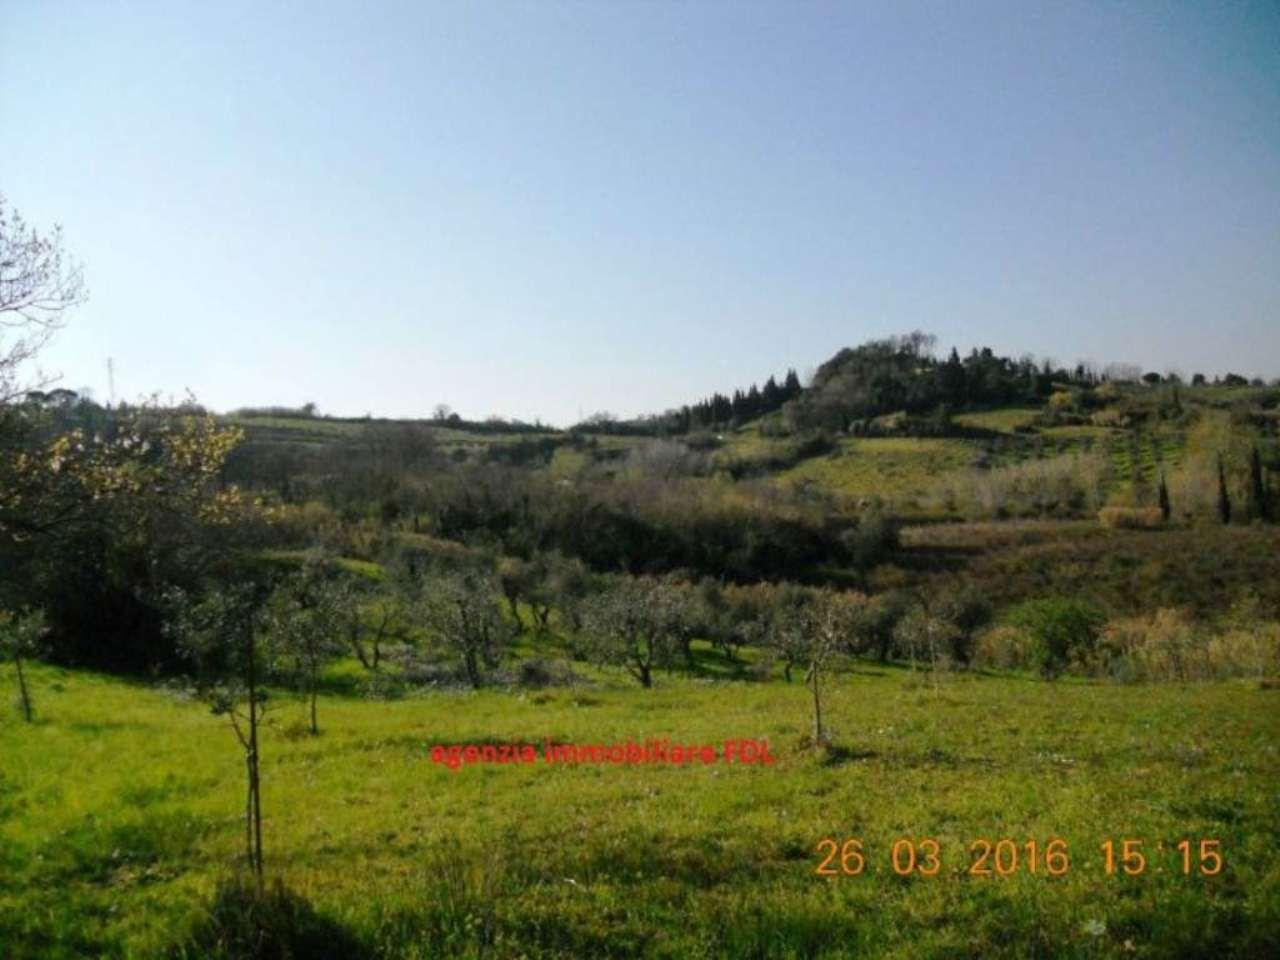 Terreno Edificabile Residenziale in vendita a Casciana Terme Lari, 9999 locali, Trattative riservate | CambioCasa.it